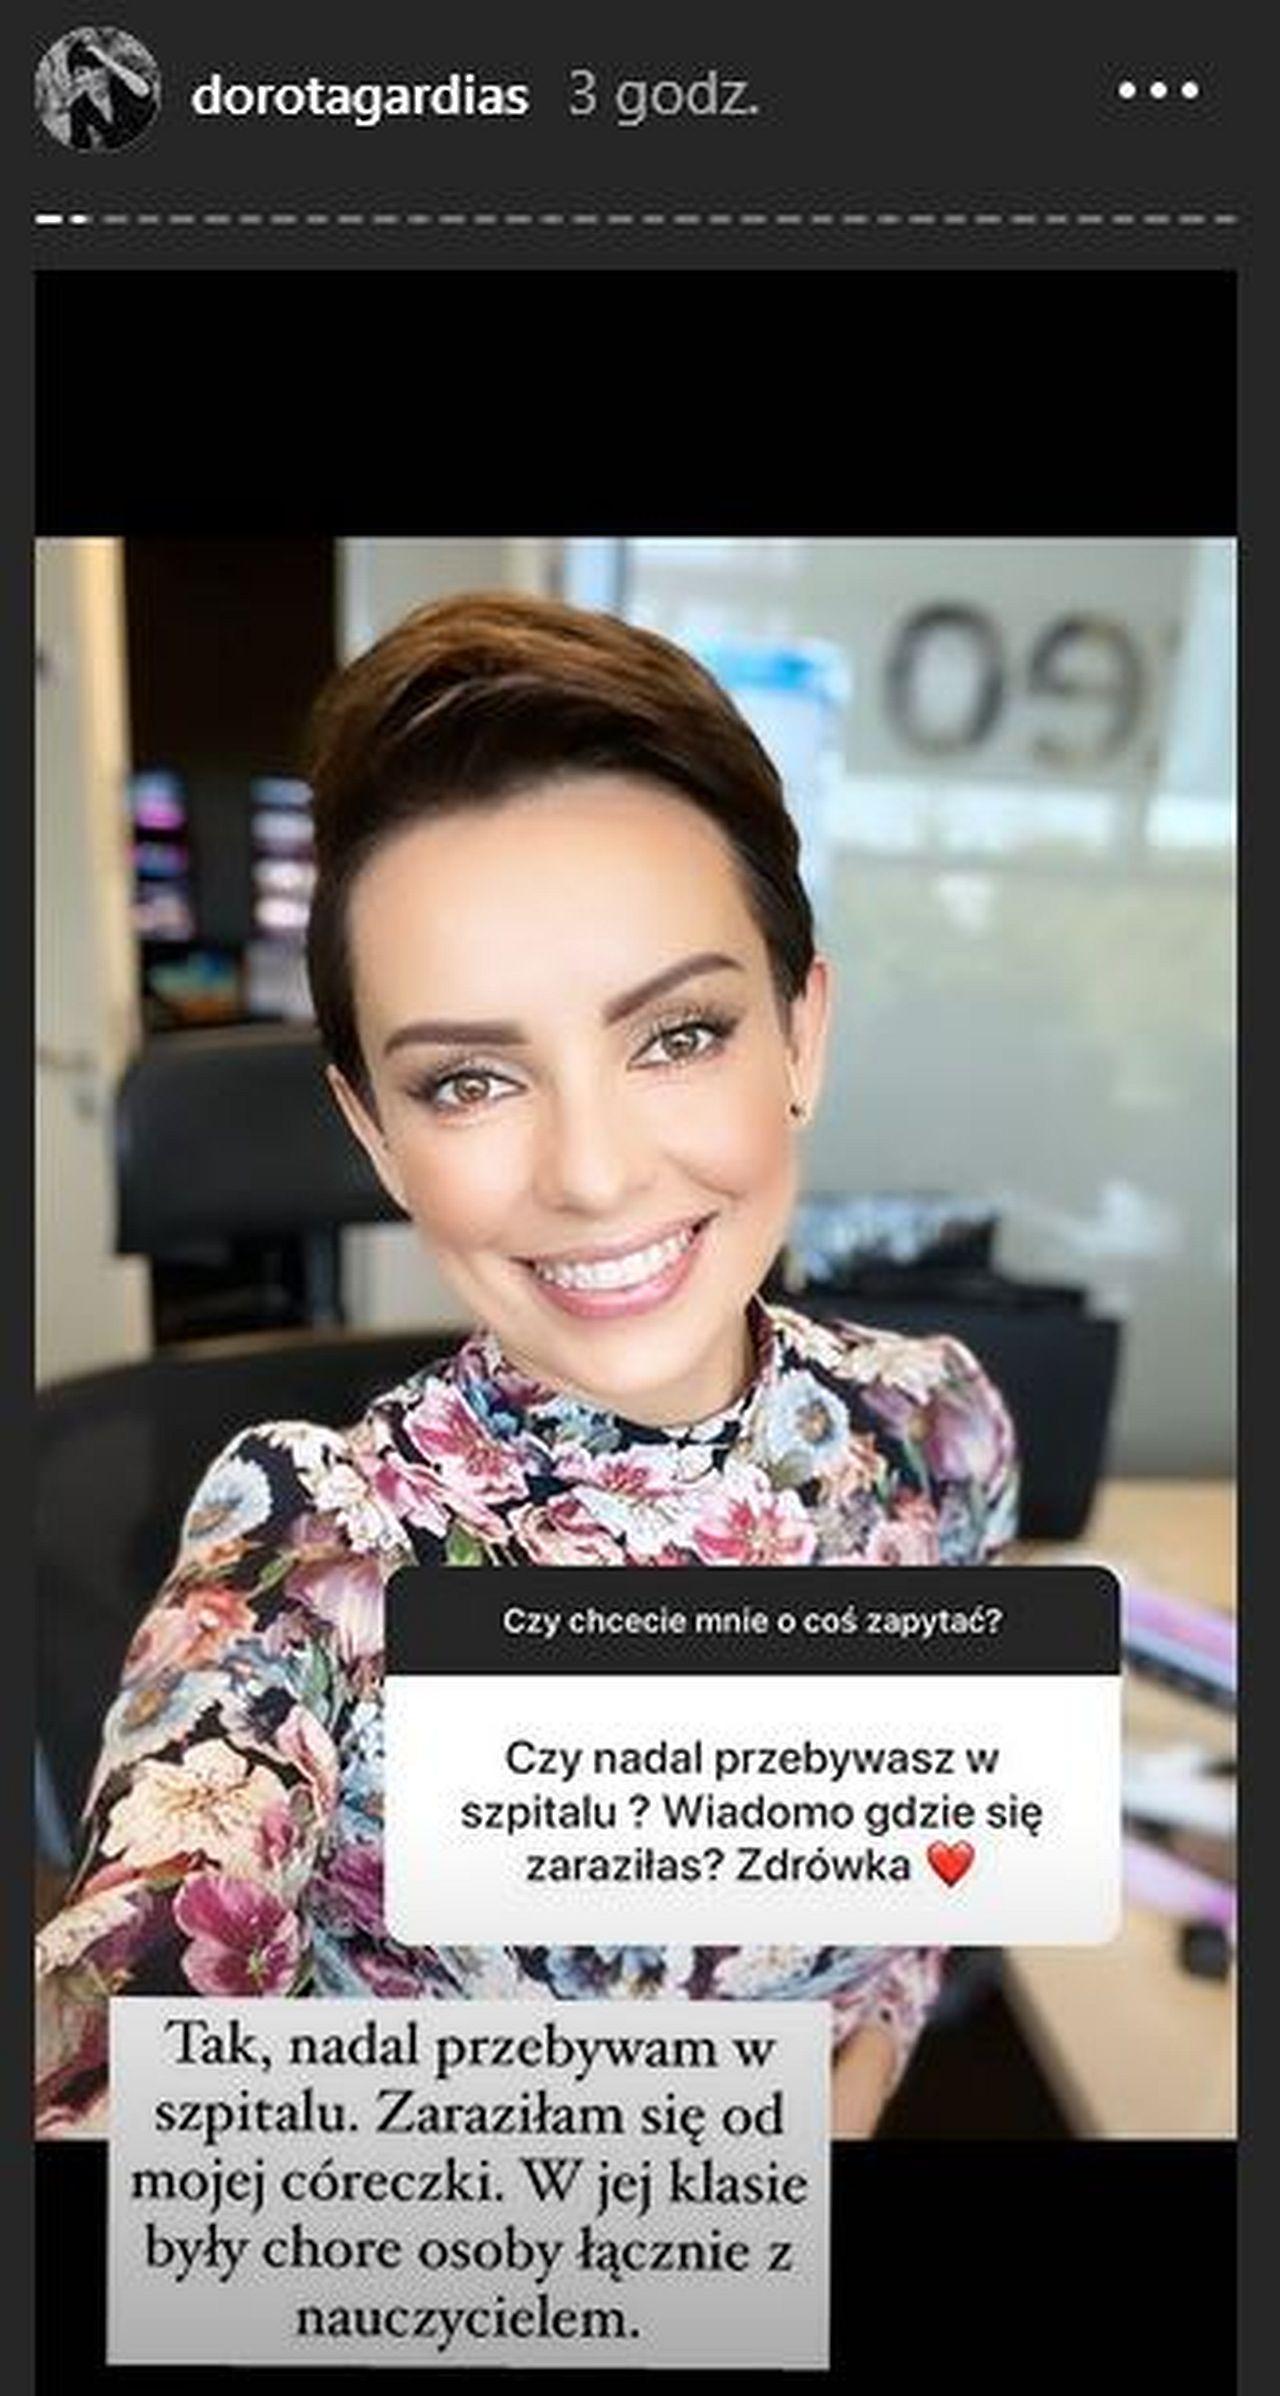 Dorota Gardias opisuje przebieg choroby